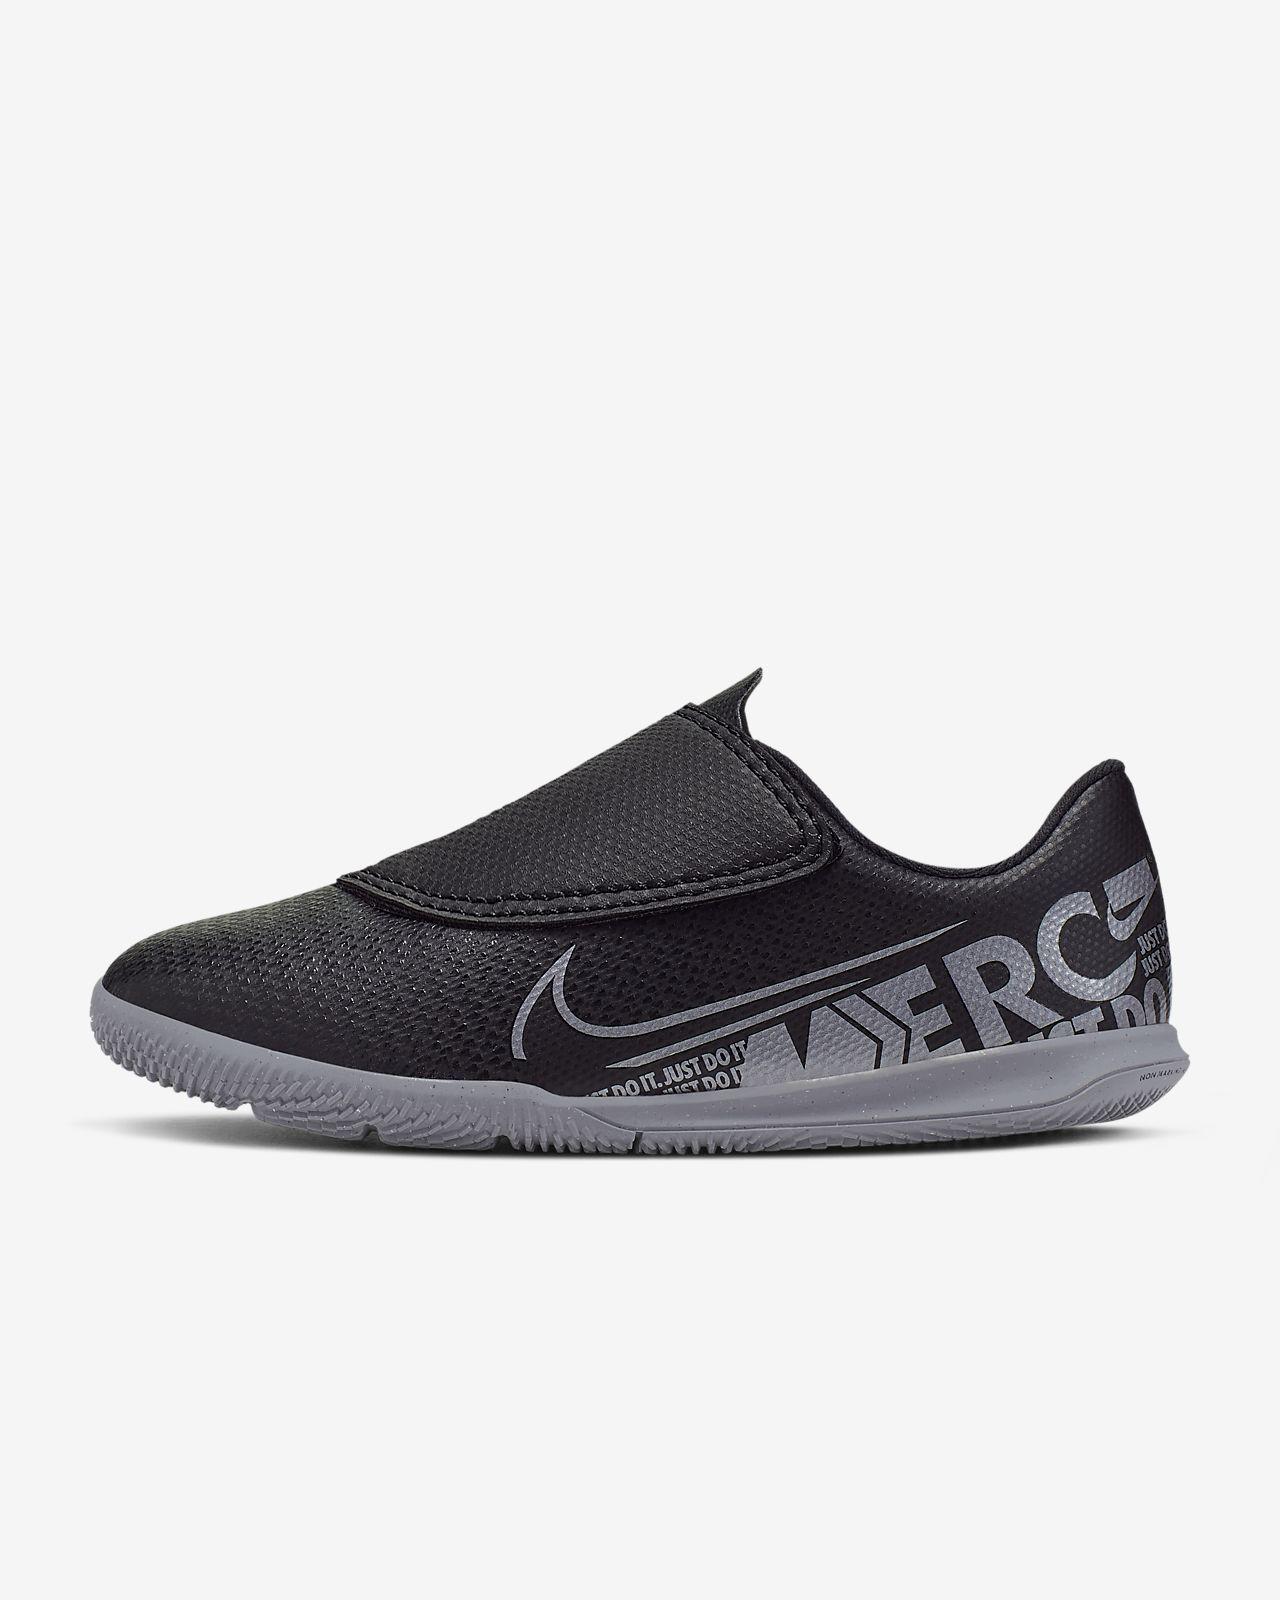 Sapatilhas de futsal Nike Jr. Mercurial Vapor 13 Club IC para bebé/criança